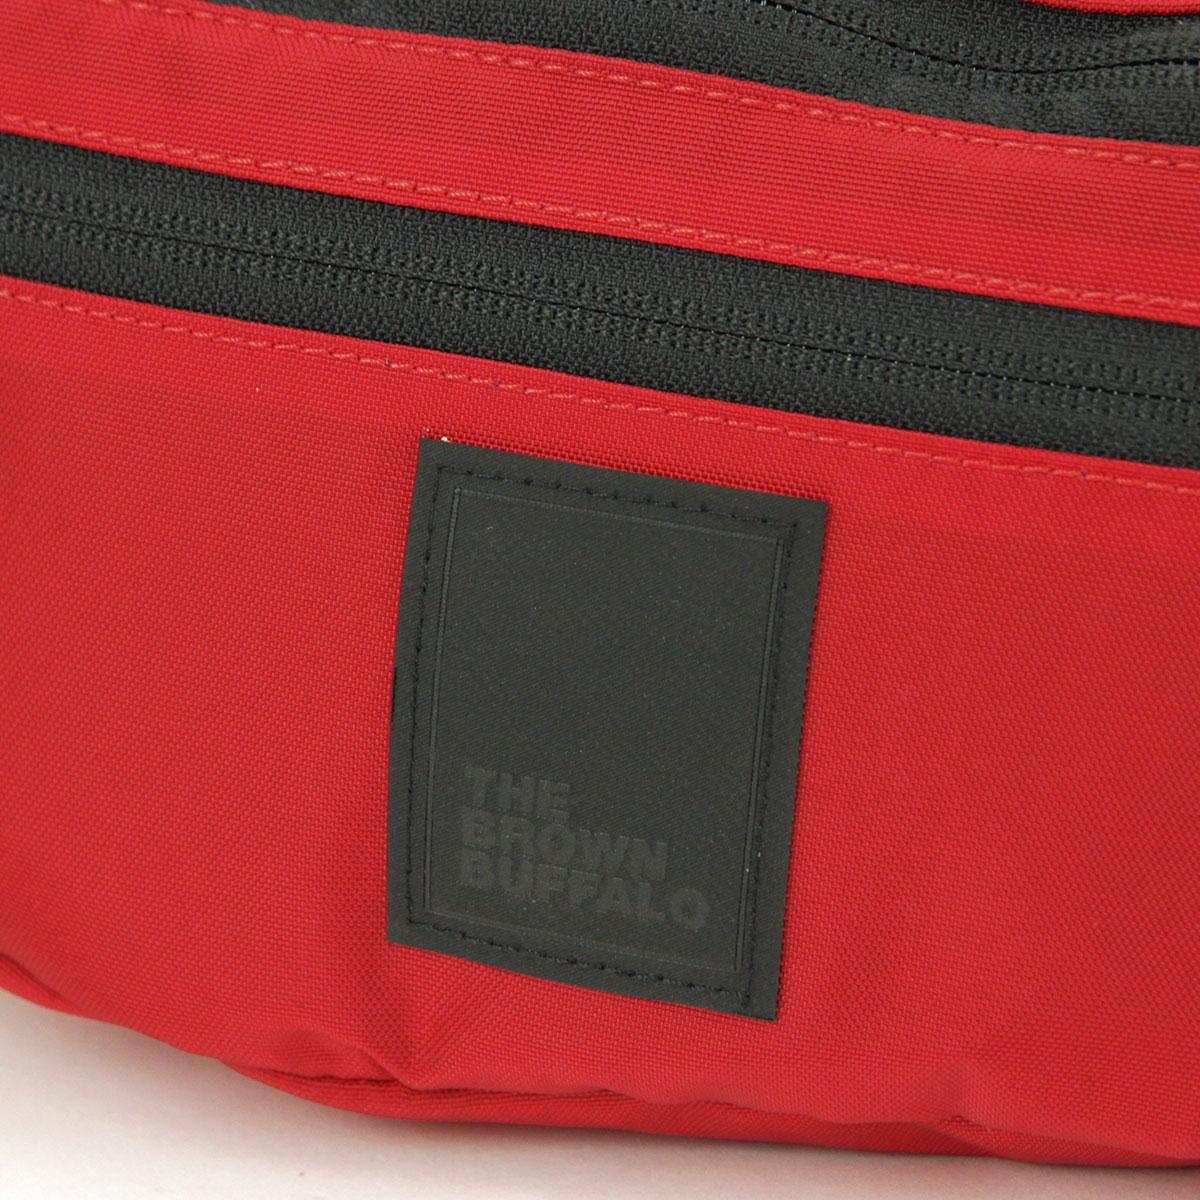 ザ ブラウン バッファロー バッグ メンズ レディース 正規販売店 THE BROWN BUFFALO ショルダーバッグ ボディバッグ BEYONDSLING RED S19BS420RED AA7B B3C C8D D4E E11F